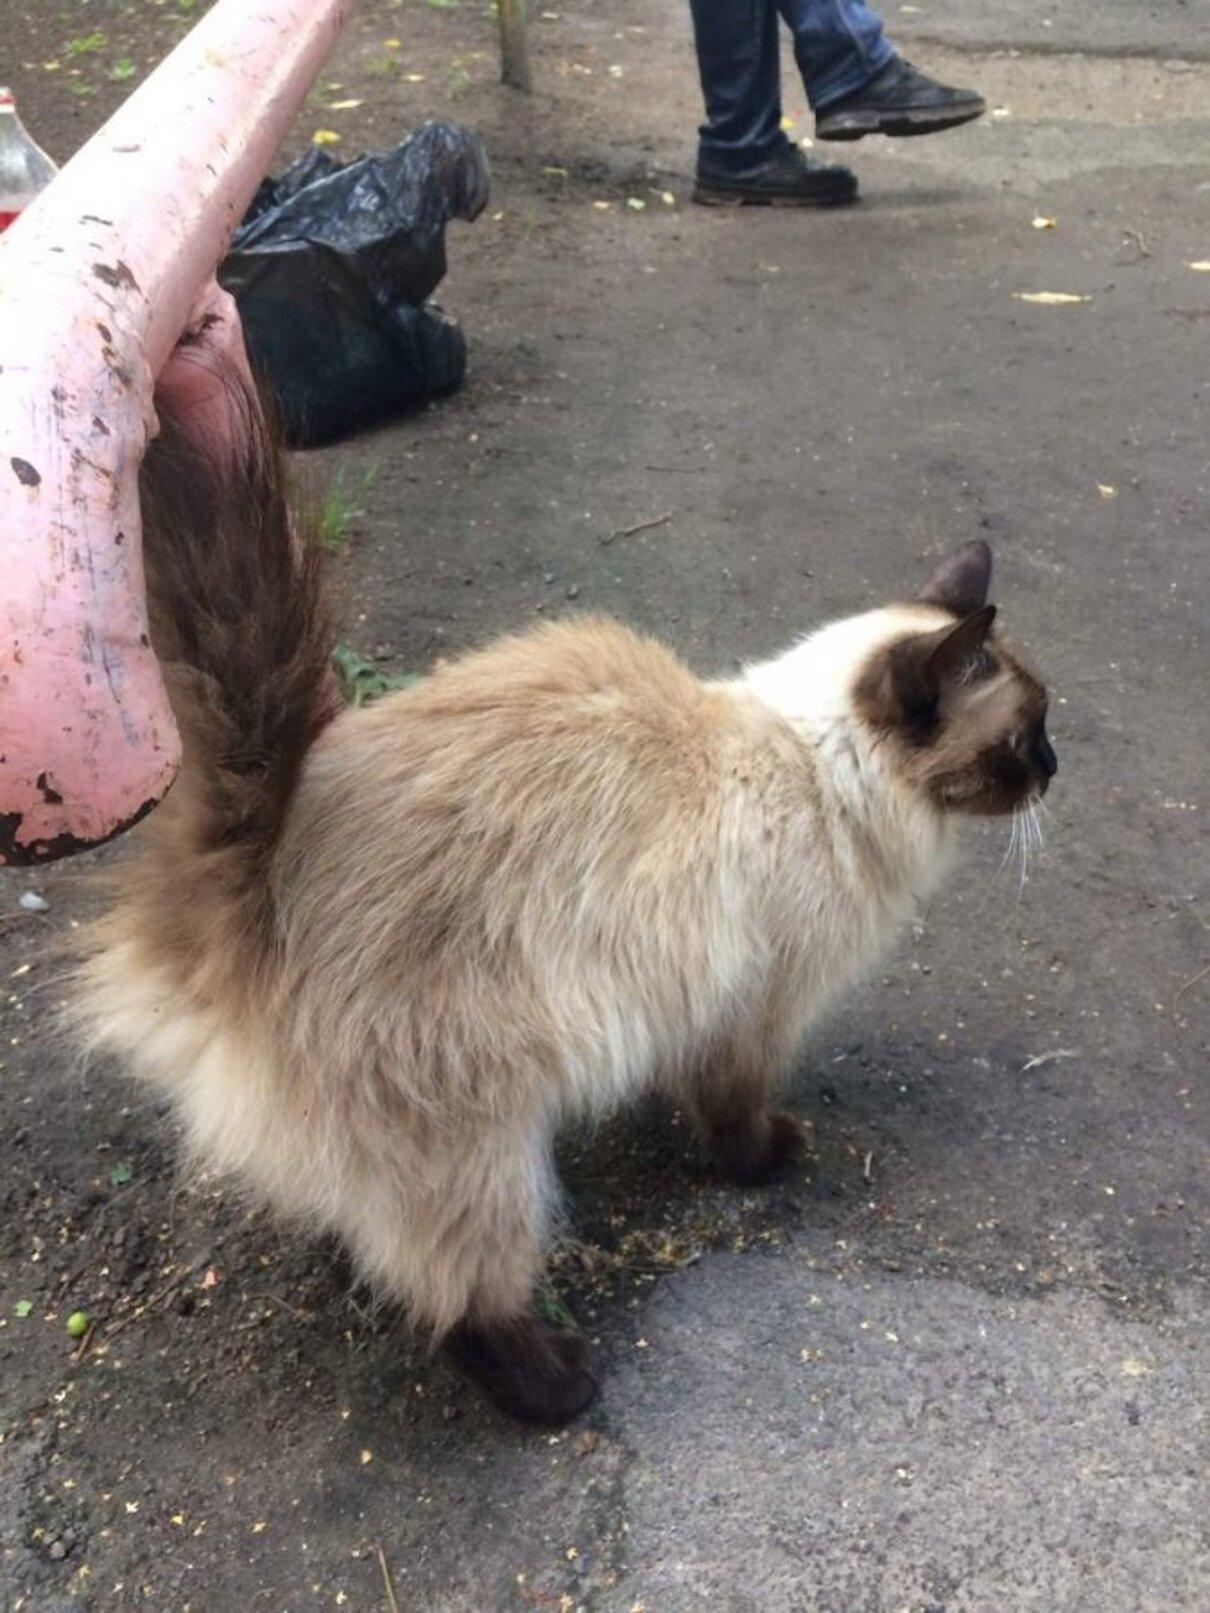 Жалоба-отзыв: Волонтеры-зоозащитники - Помогите спасти мою кошку из лап «волонтёров-зоозащитников»!